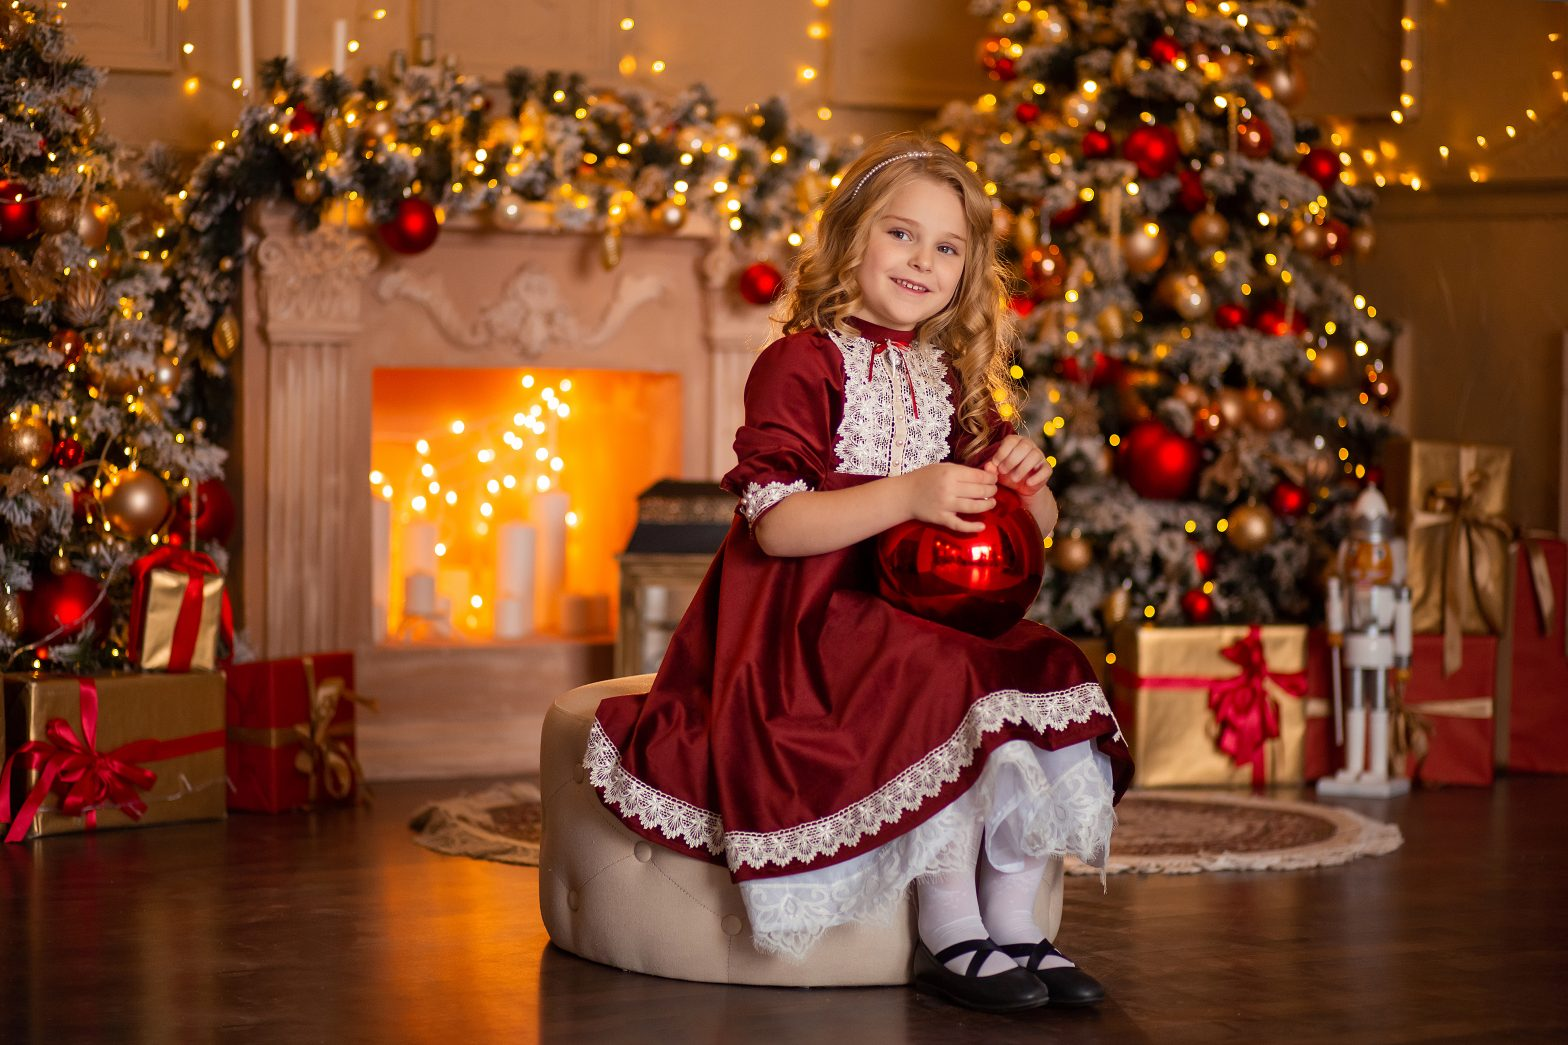 Iluminação de Natal: Energisa dá dicas de segurança e economia